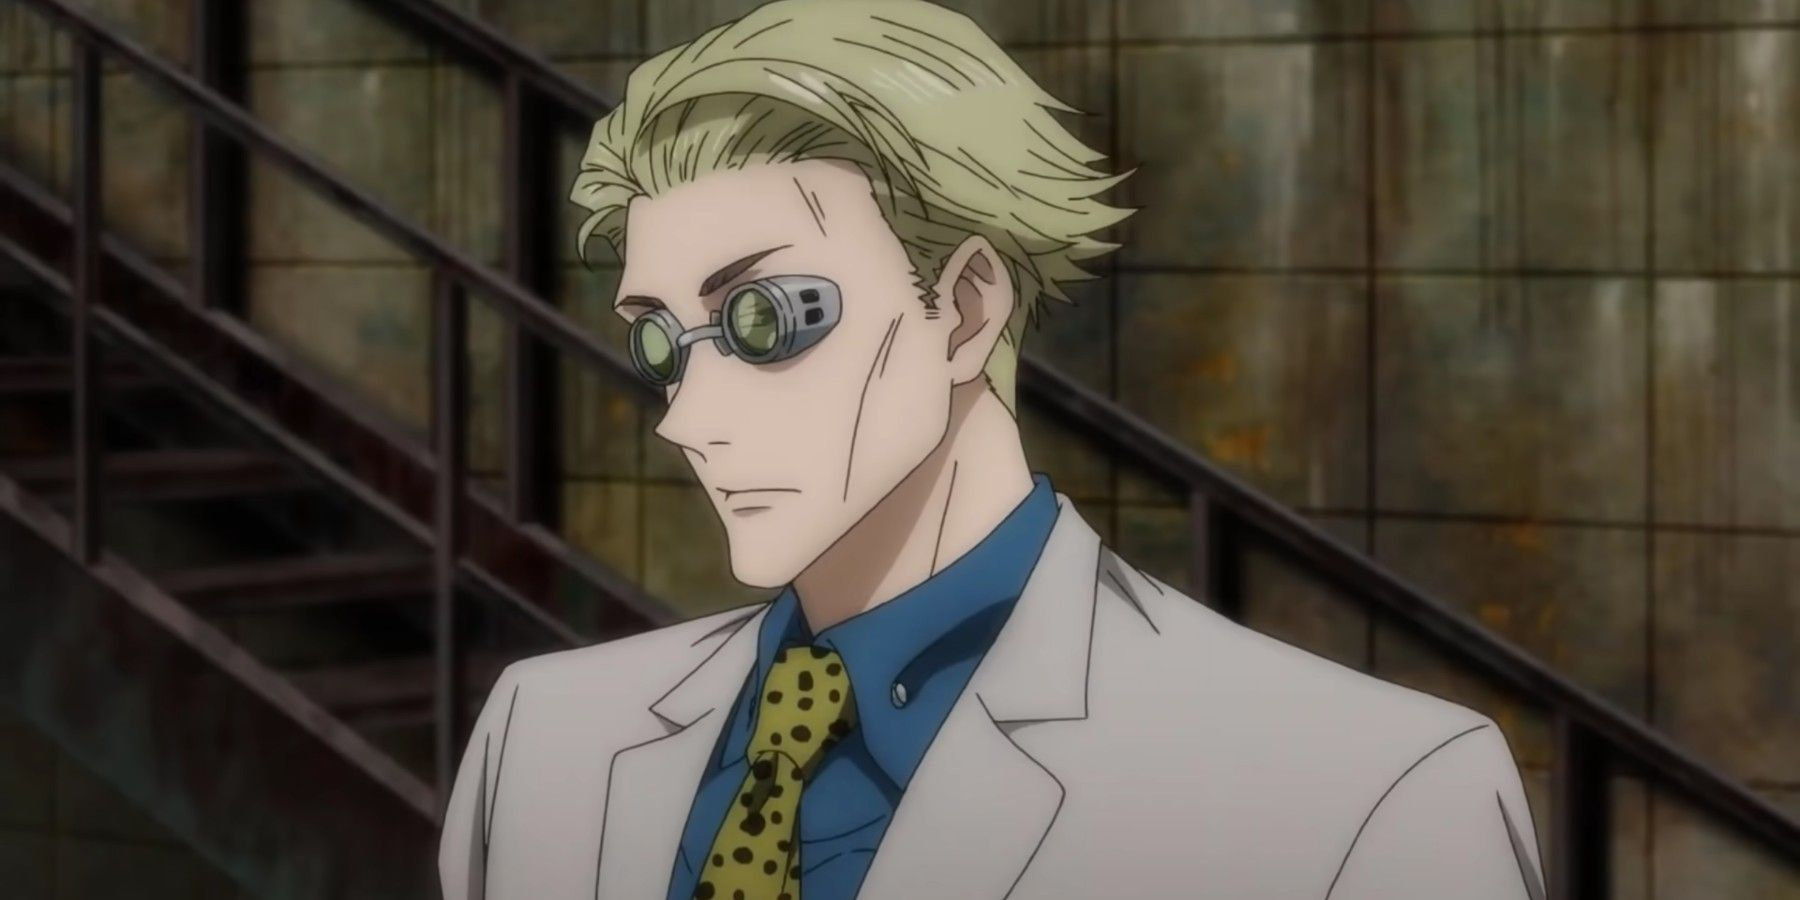 Guia de Personagens Jujutsu Kaisen: Quem é quem no anime da Shonen Jump 6